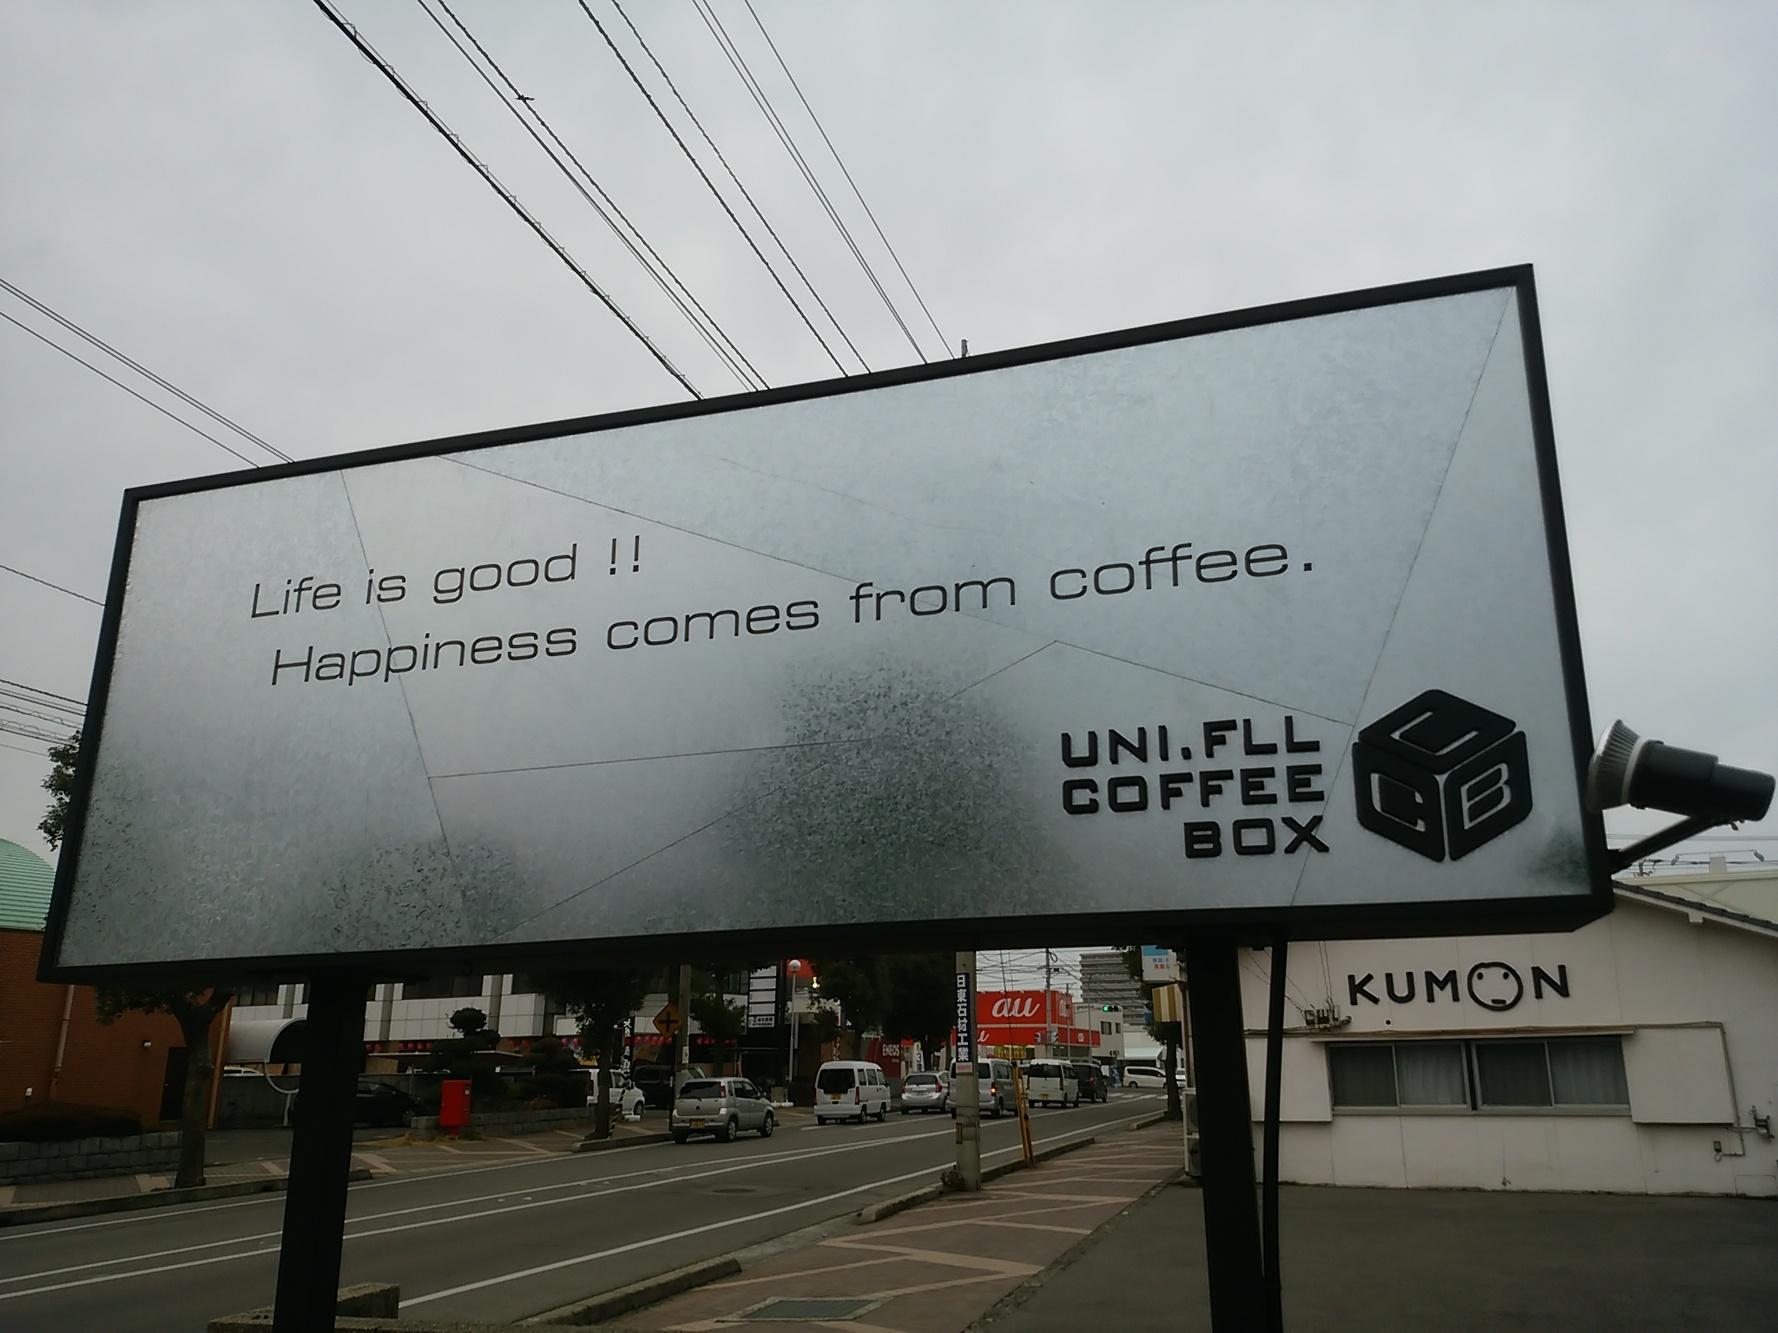 ユニフル コーヒー ボックス